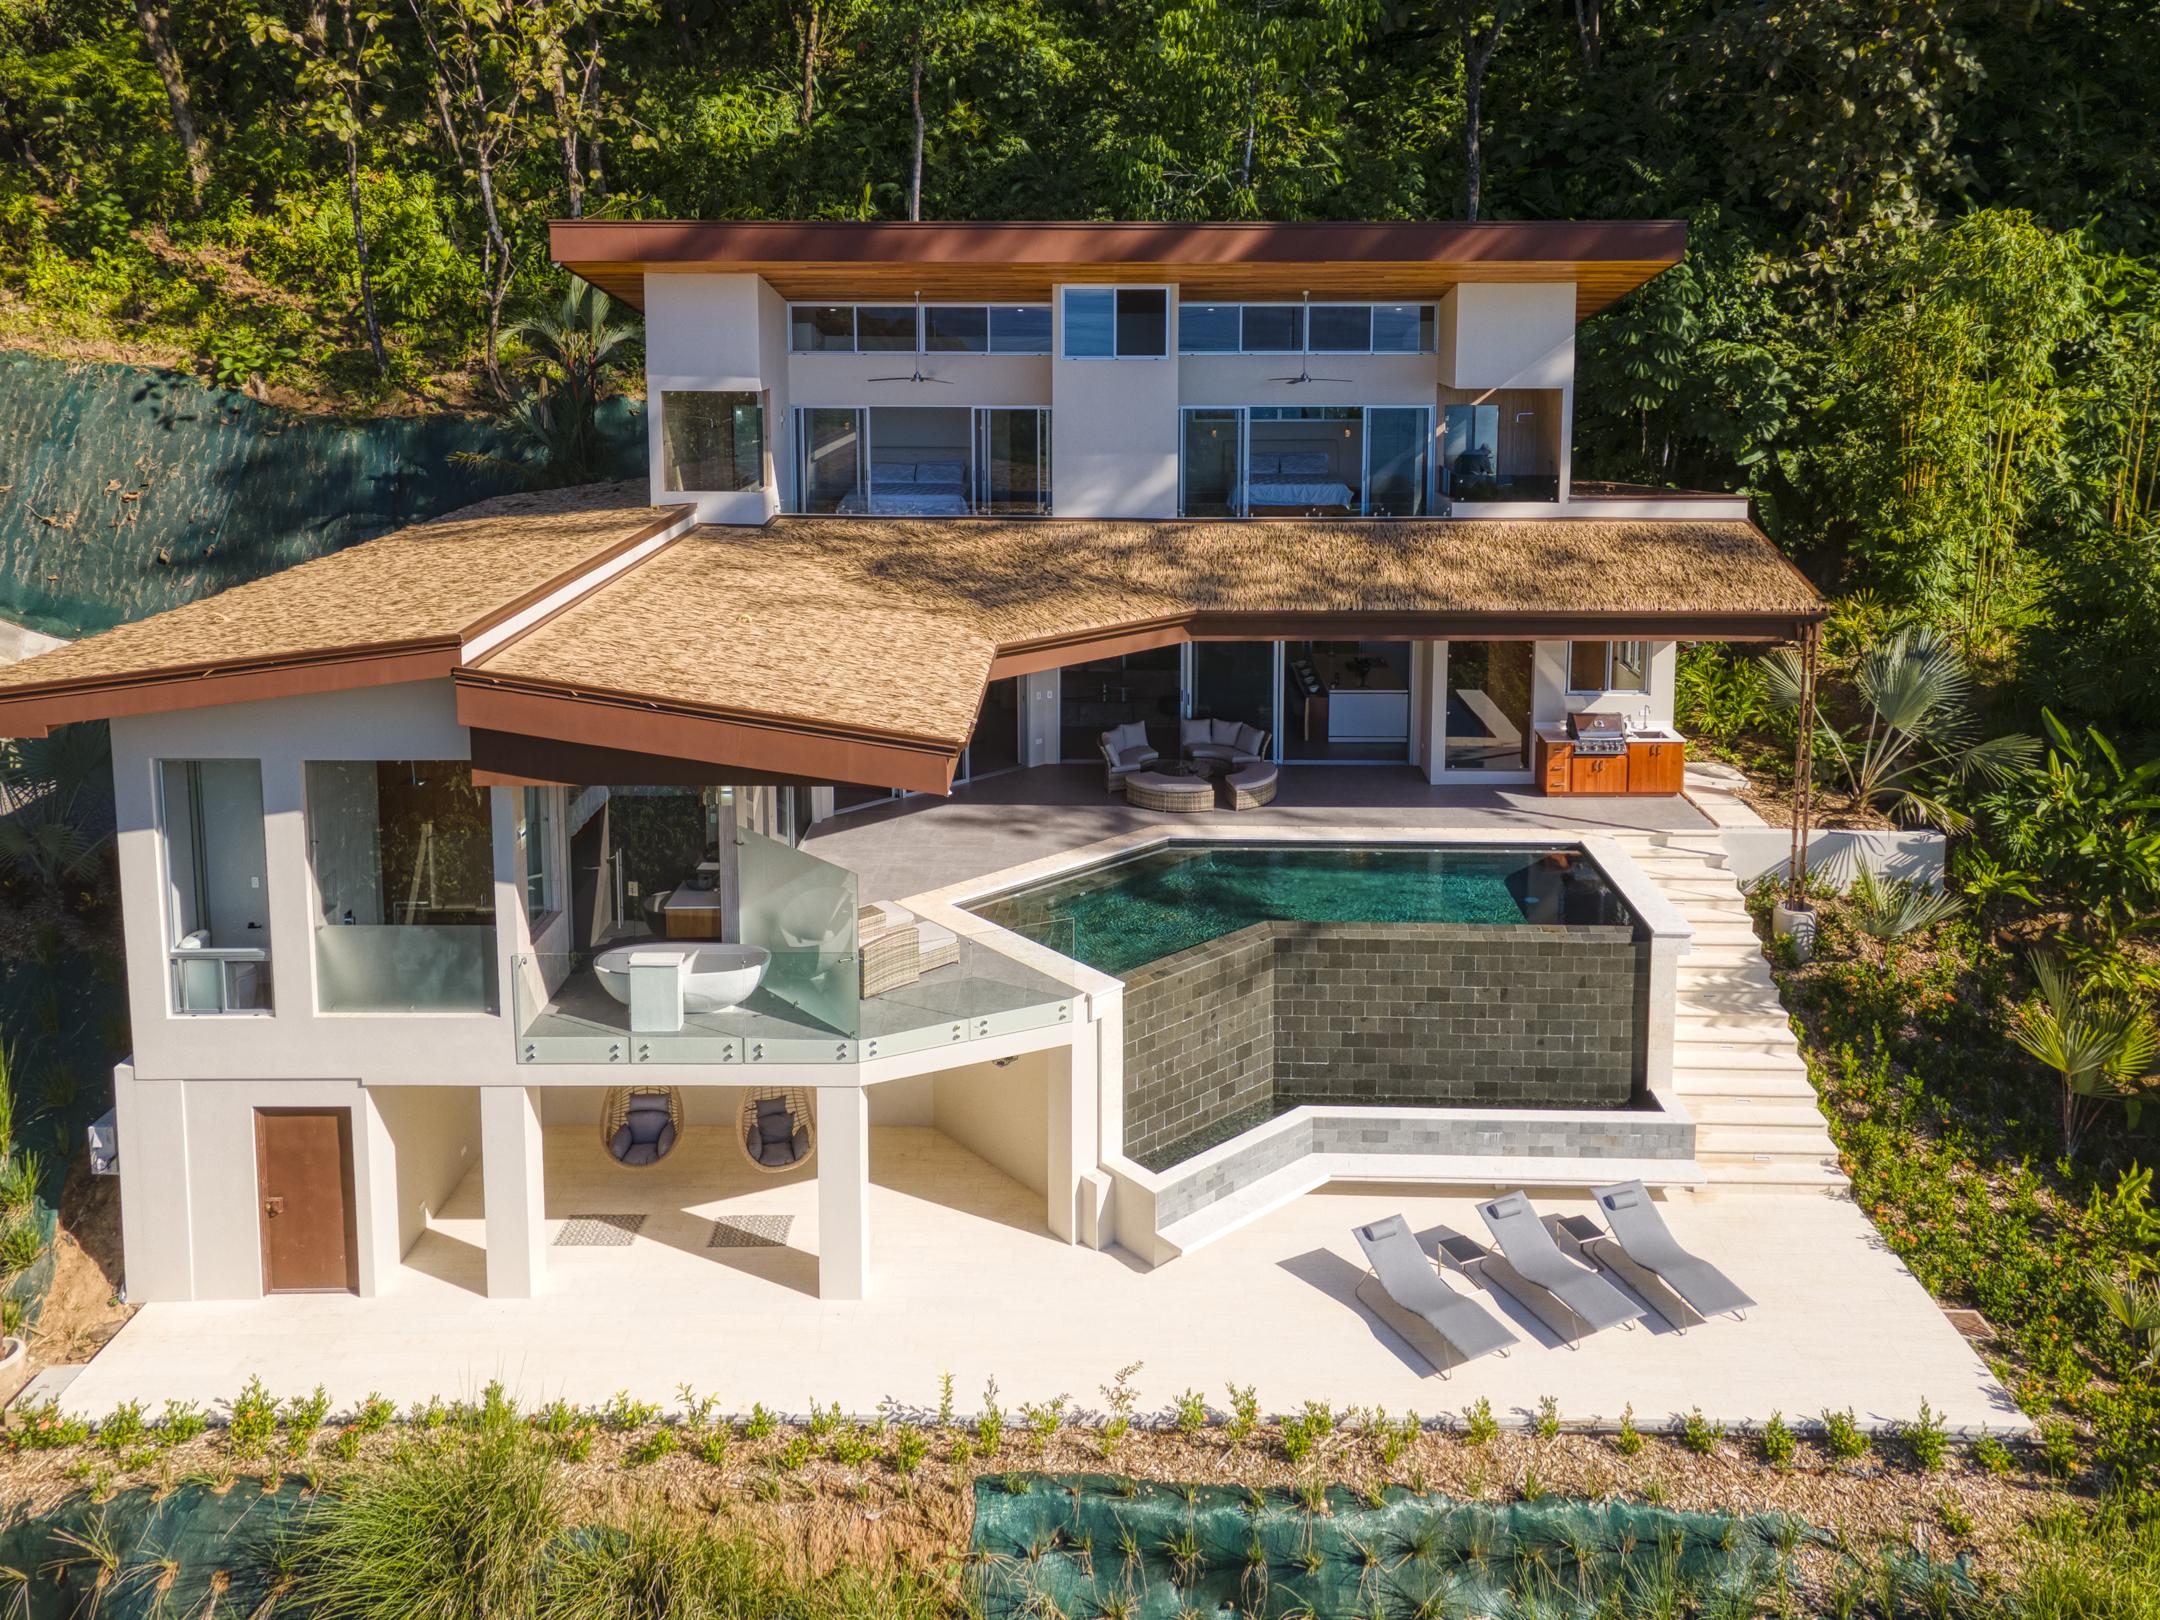 Casa Sulit